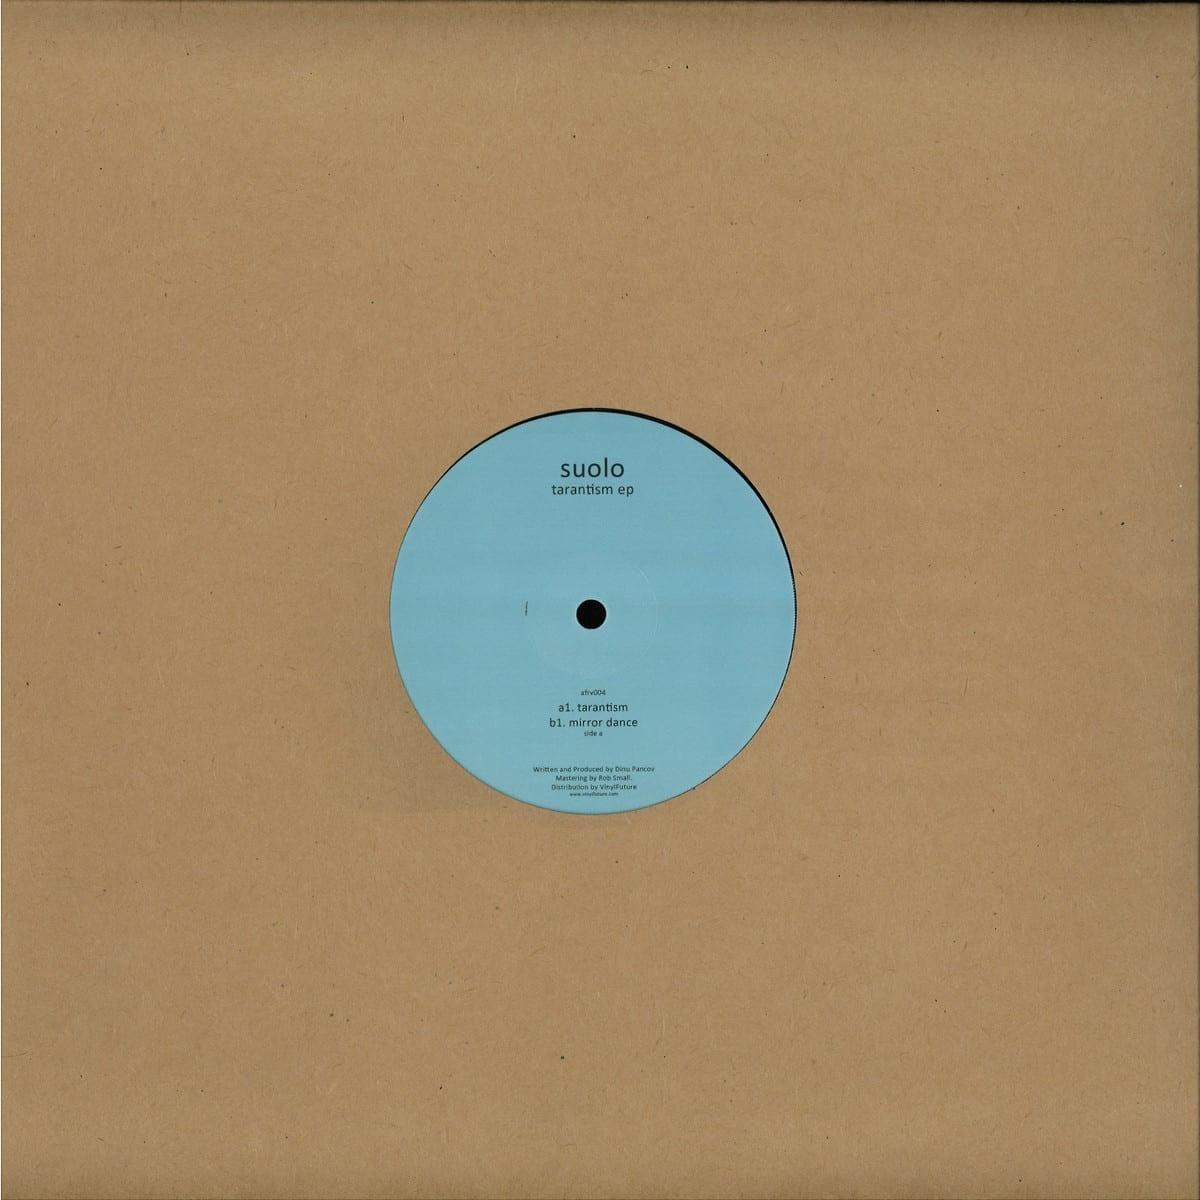 Suolo - Tarantism EP [Aforisme] back